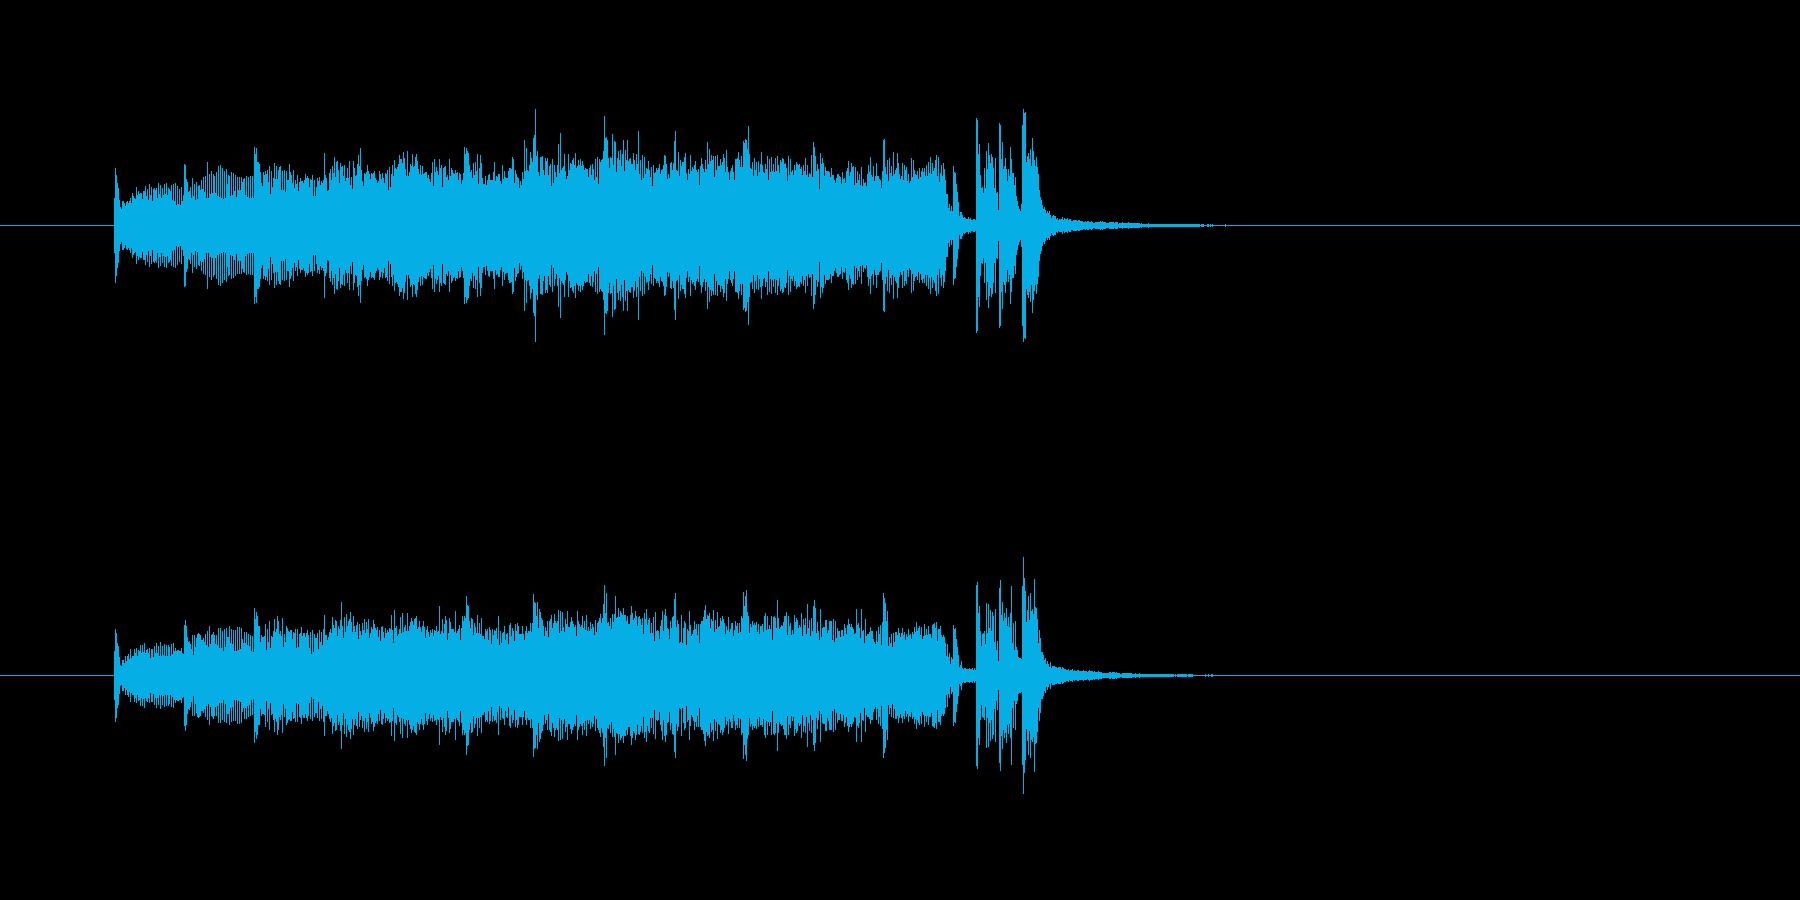 金管楽器 壮大 報道 ニュース わくわくの再生済みの波形